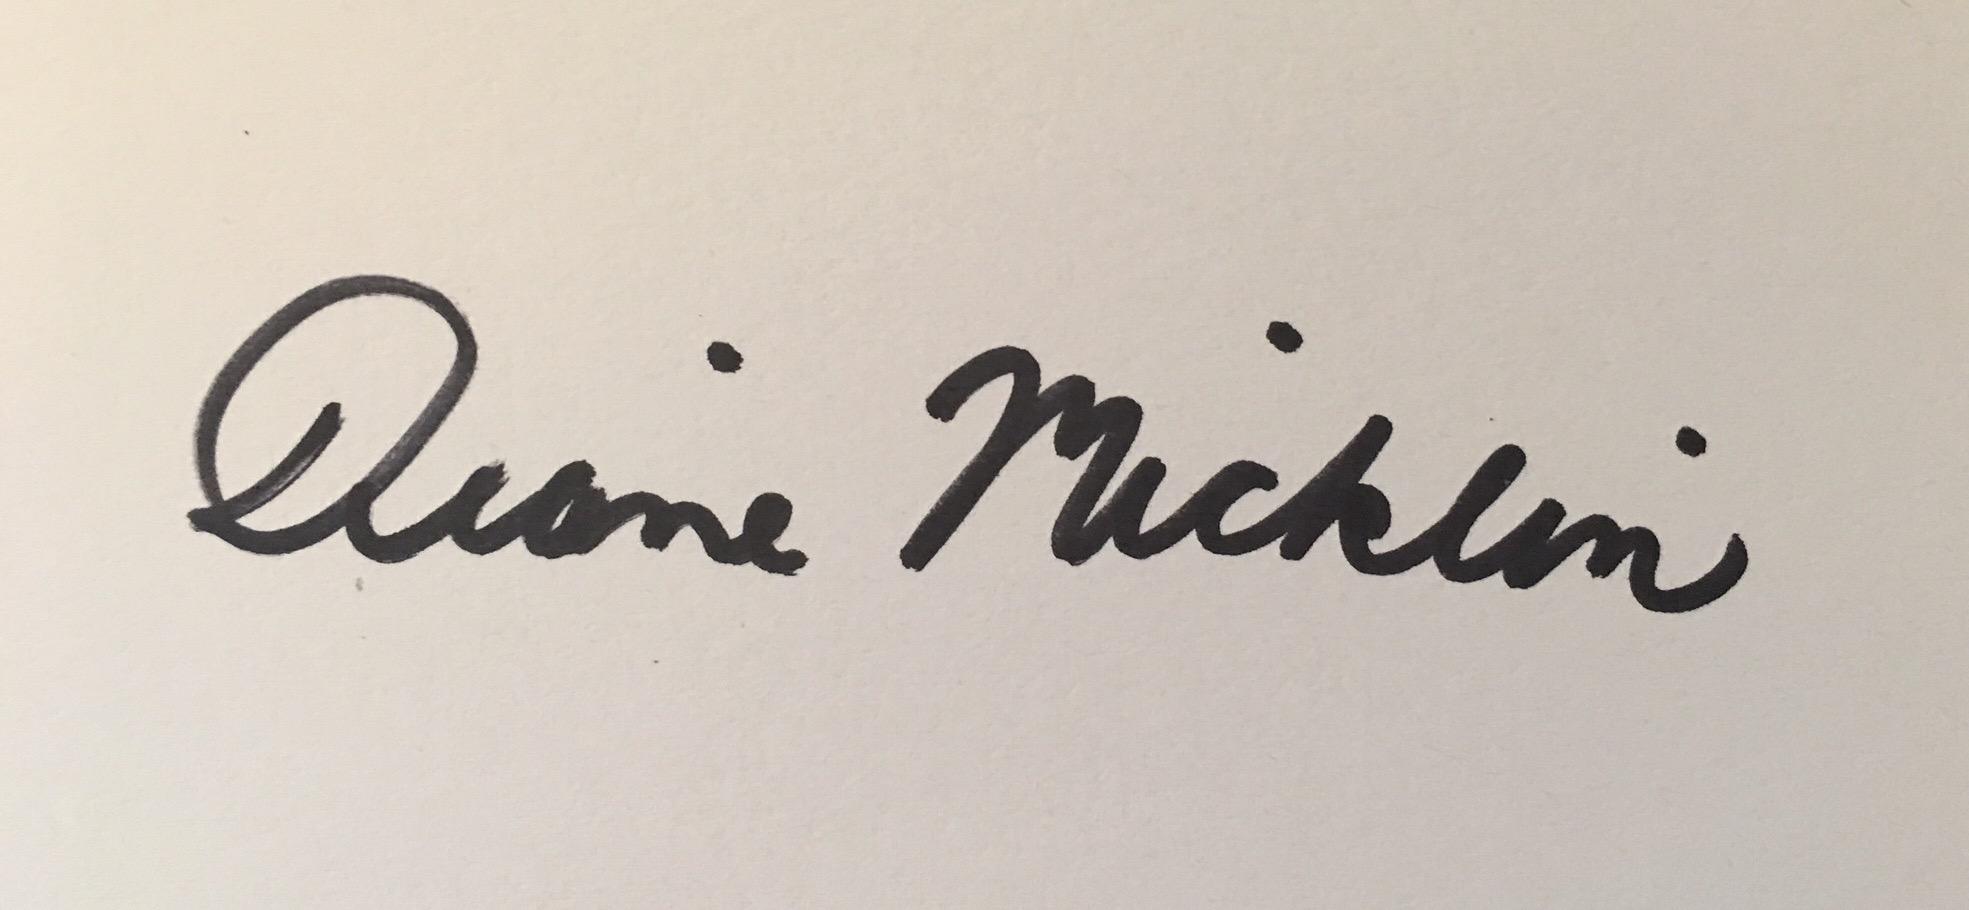 Diane Micklin's Signature